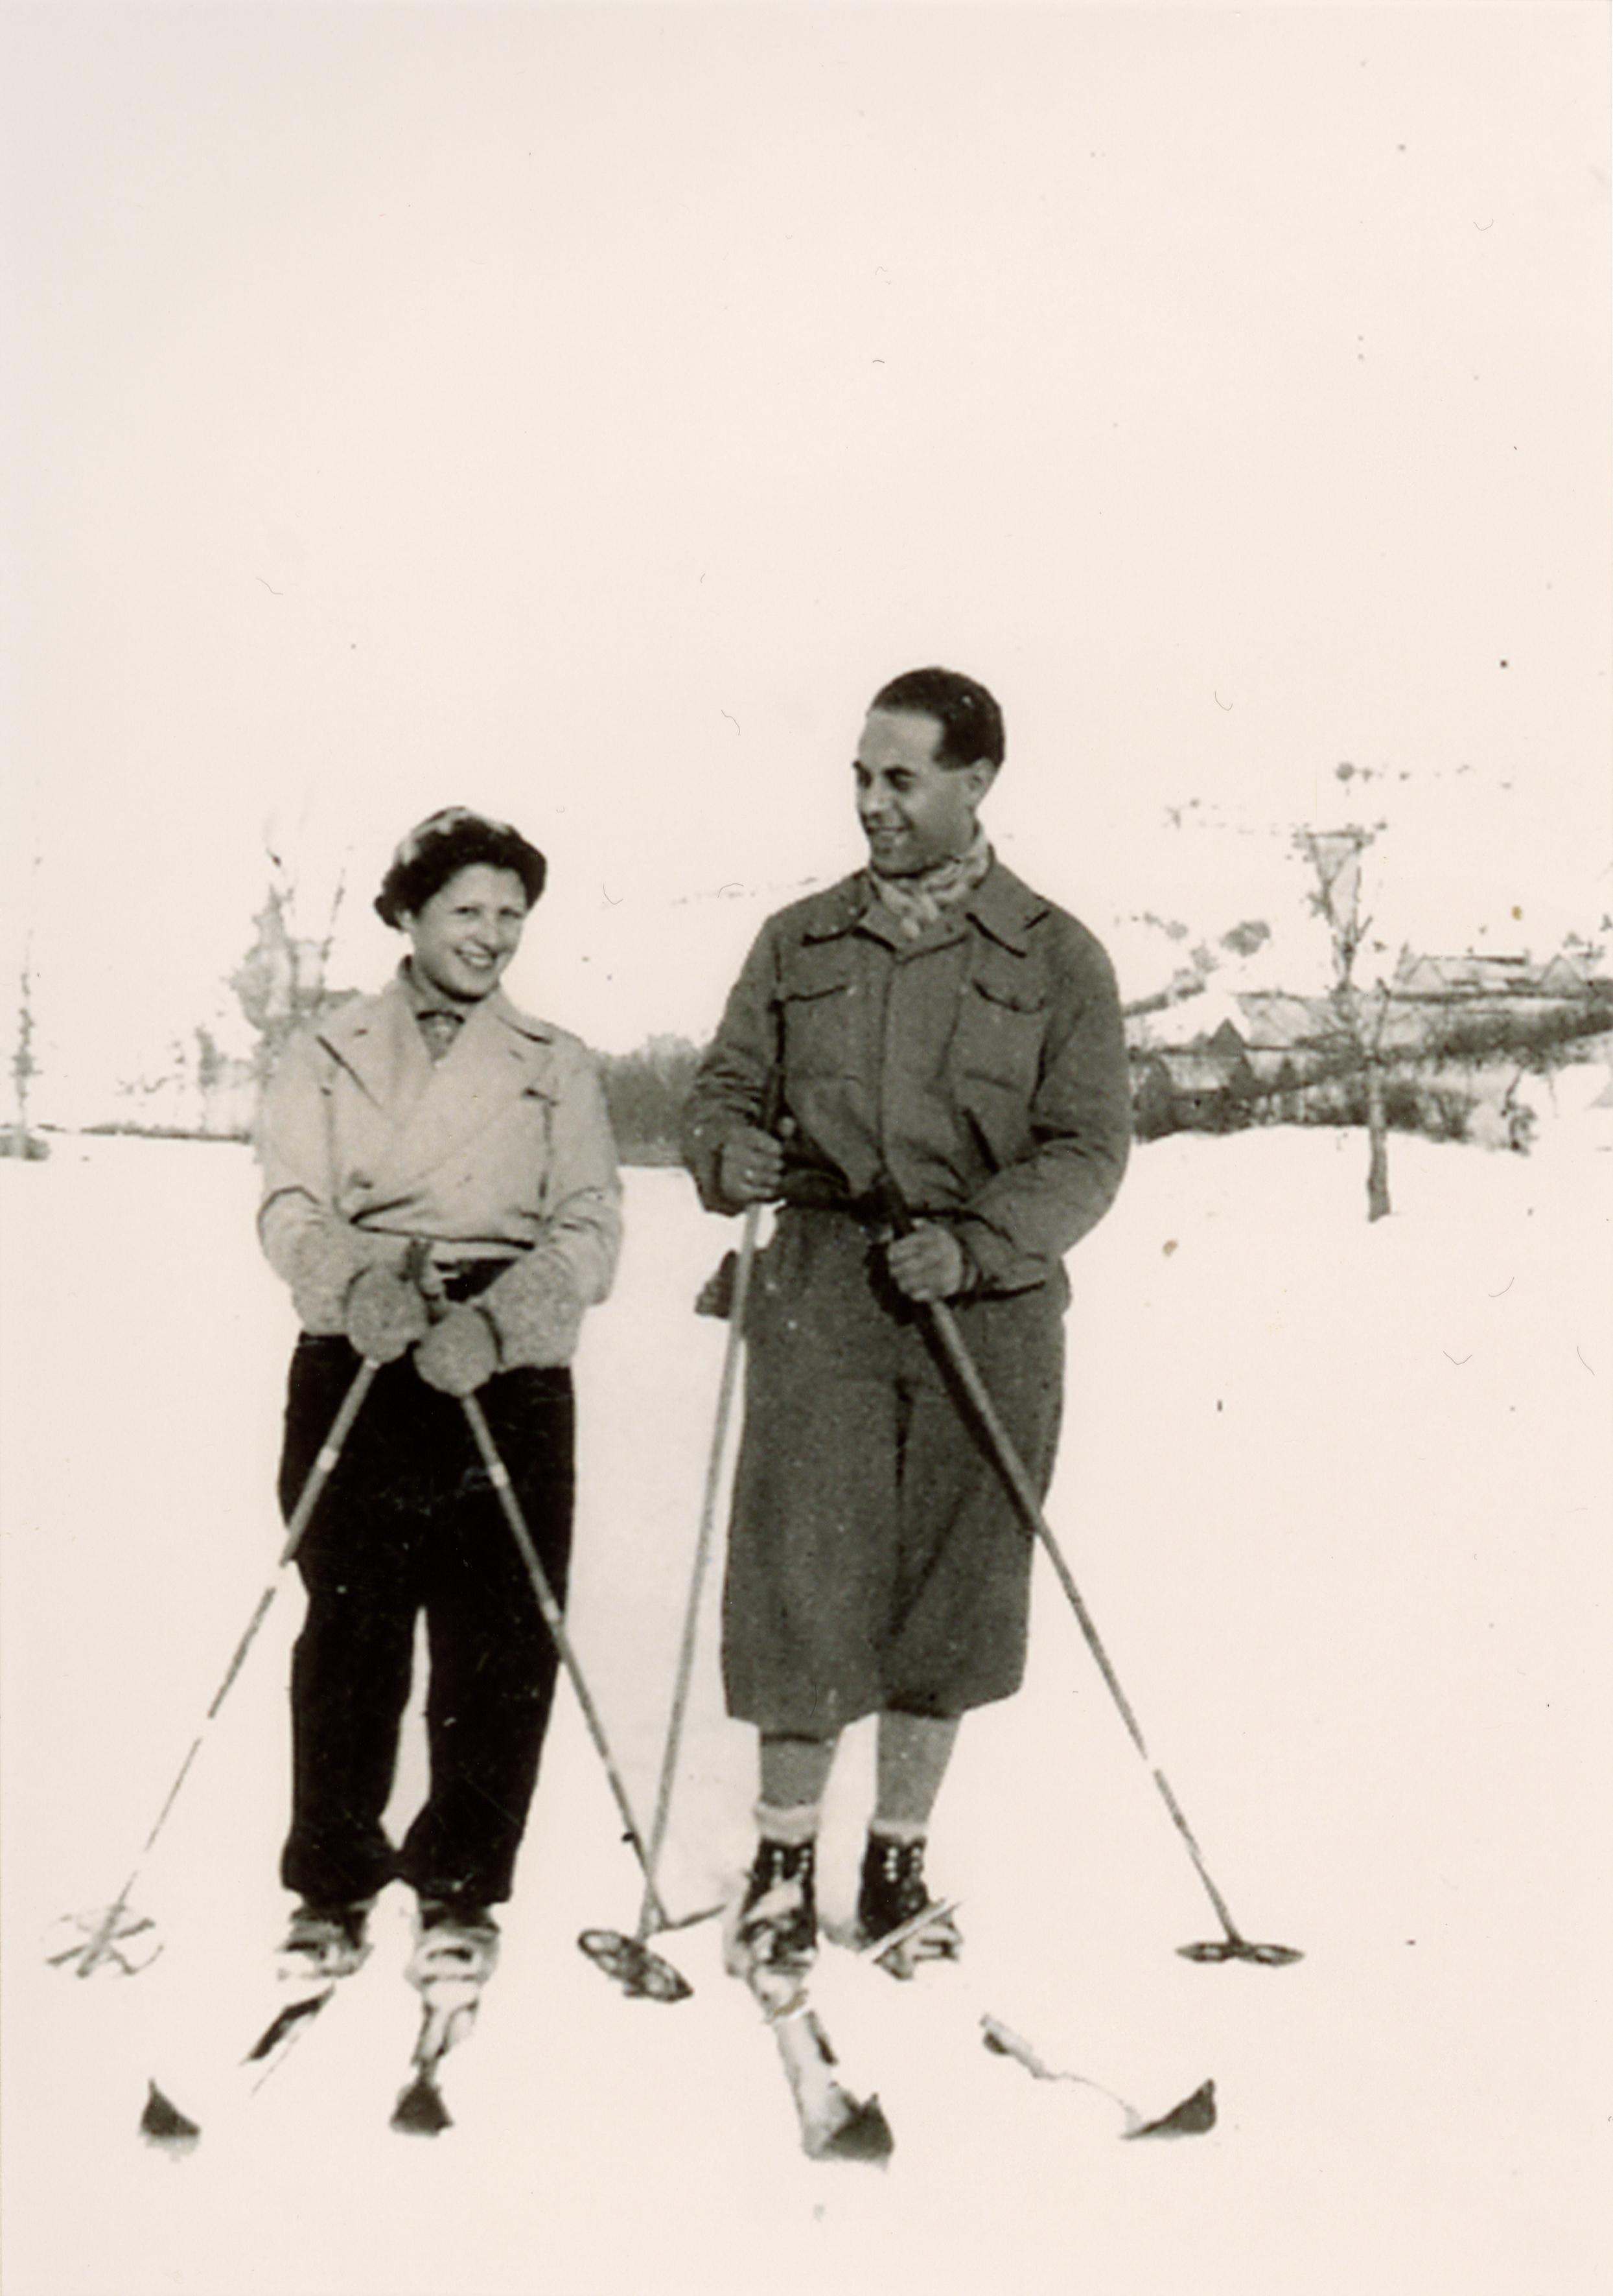 Hétvégi síelés a Sváb-hegyen